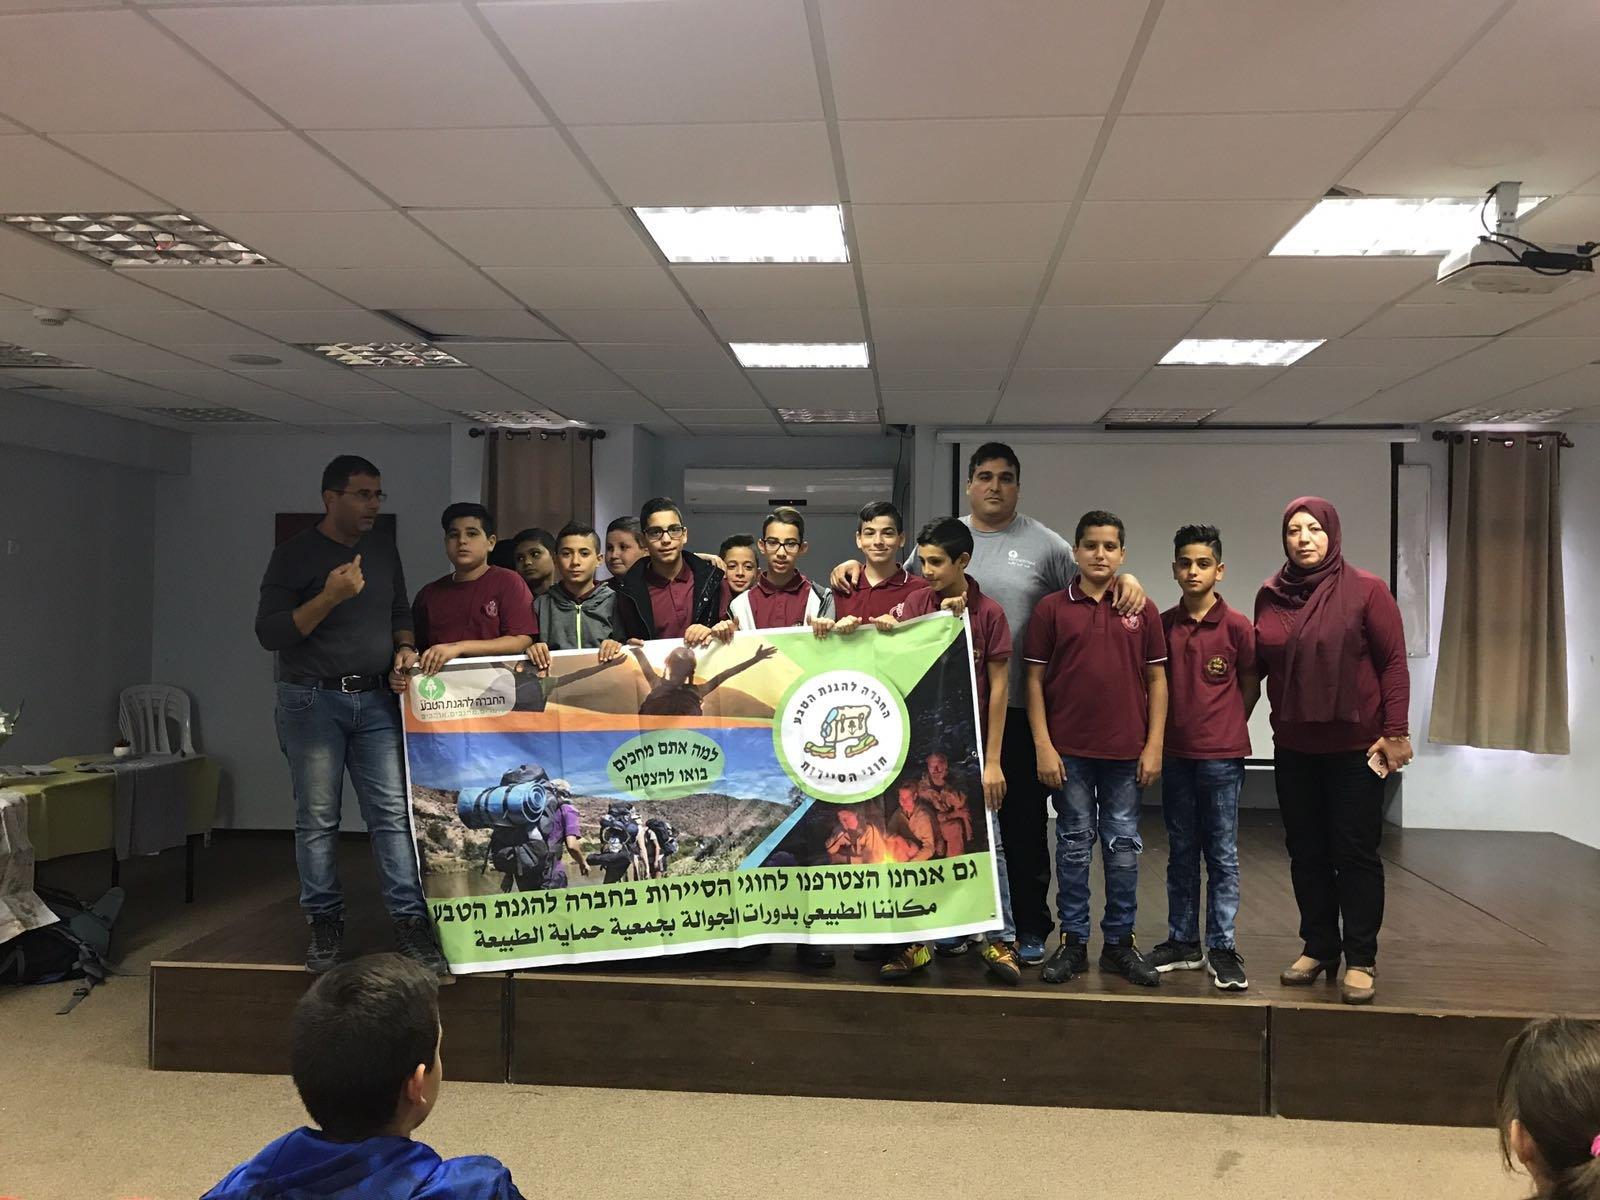 إنطلاقة ناجحة وقويَّة لدورات الجوّالة التّابعة لجمعيَّة حماية الطَّبيعة في المُجتمع العربيّ-27